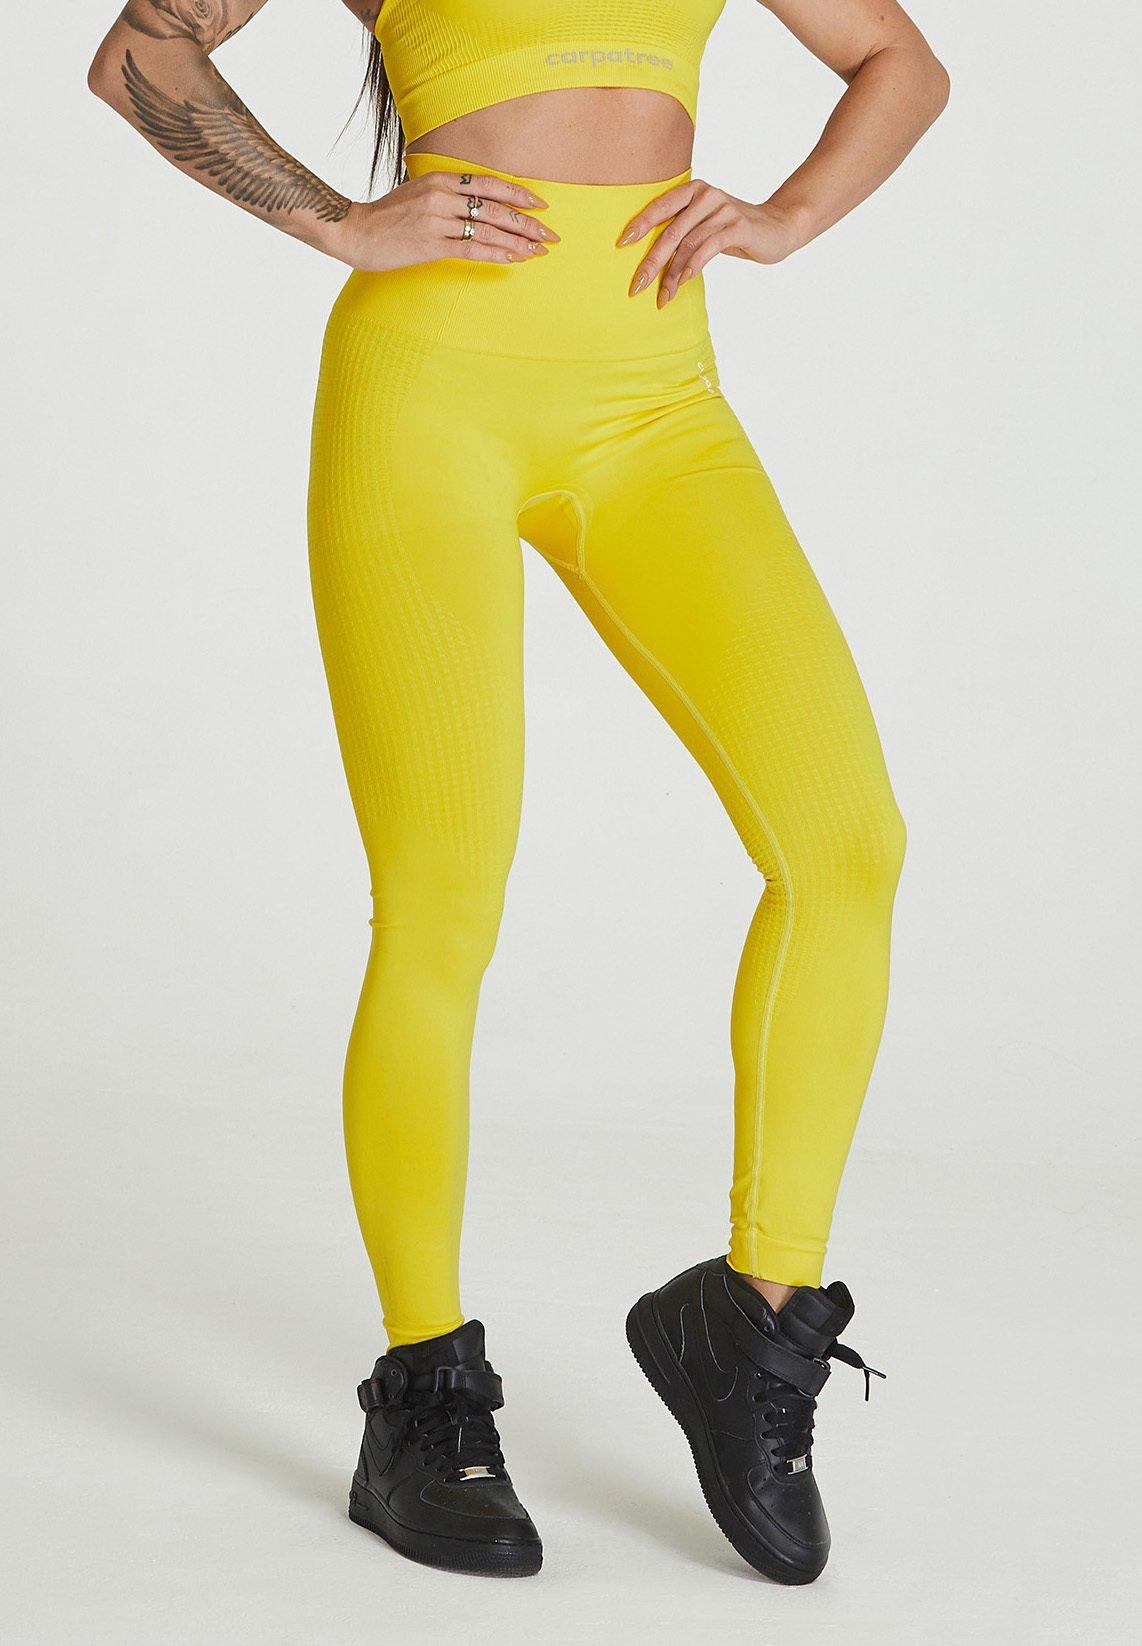 Femme SEAMLESS LEGGINGS MODEL ONE - Collants